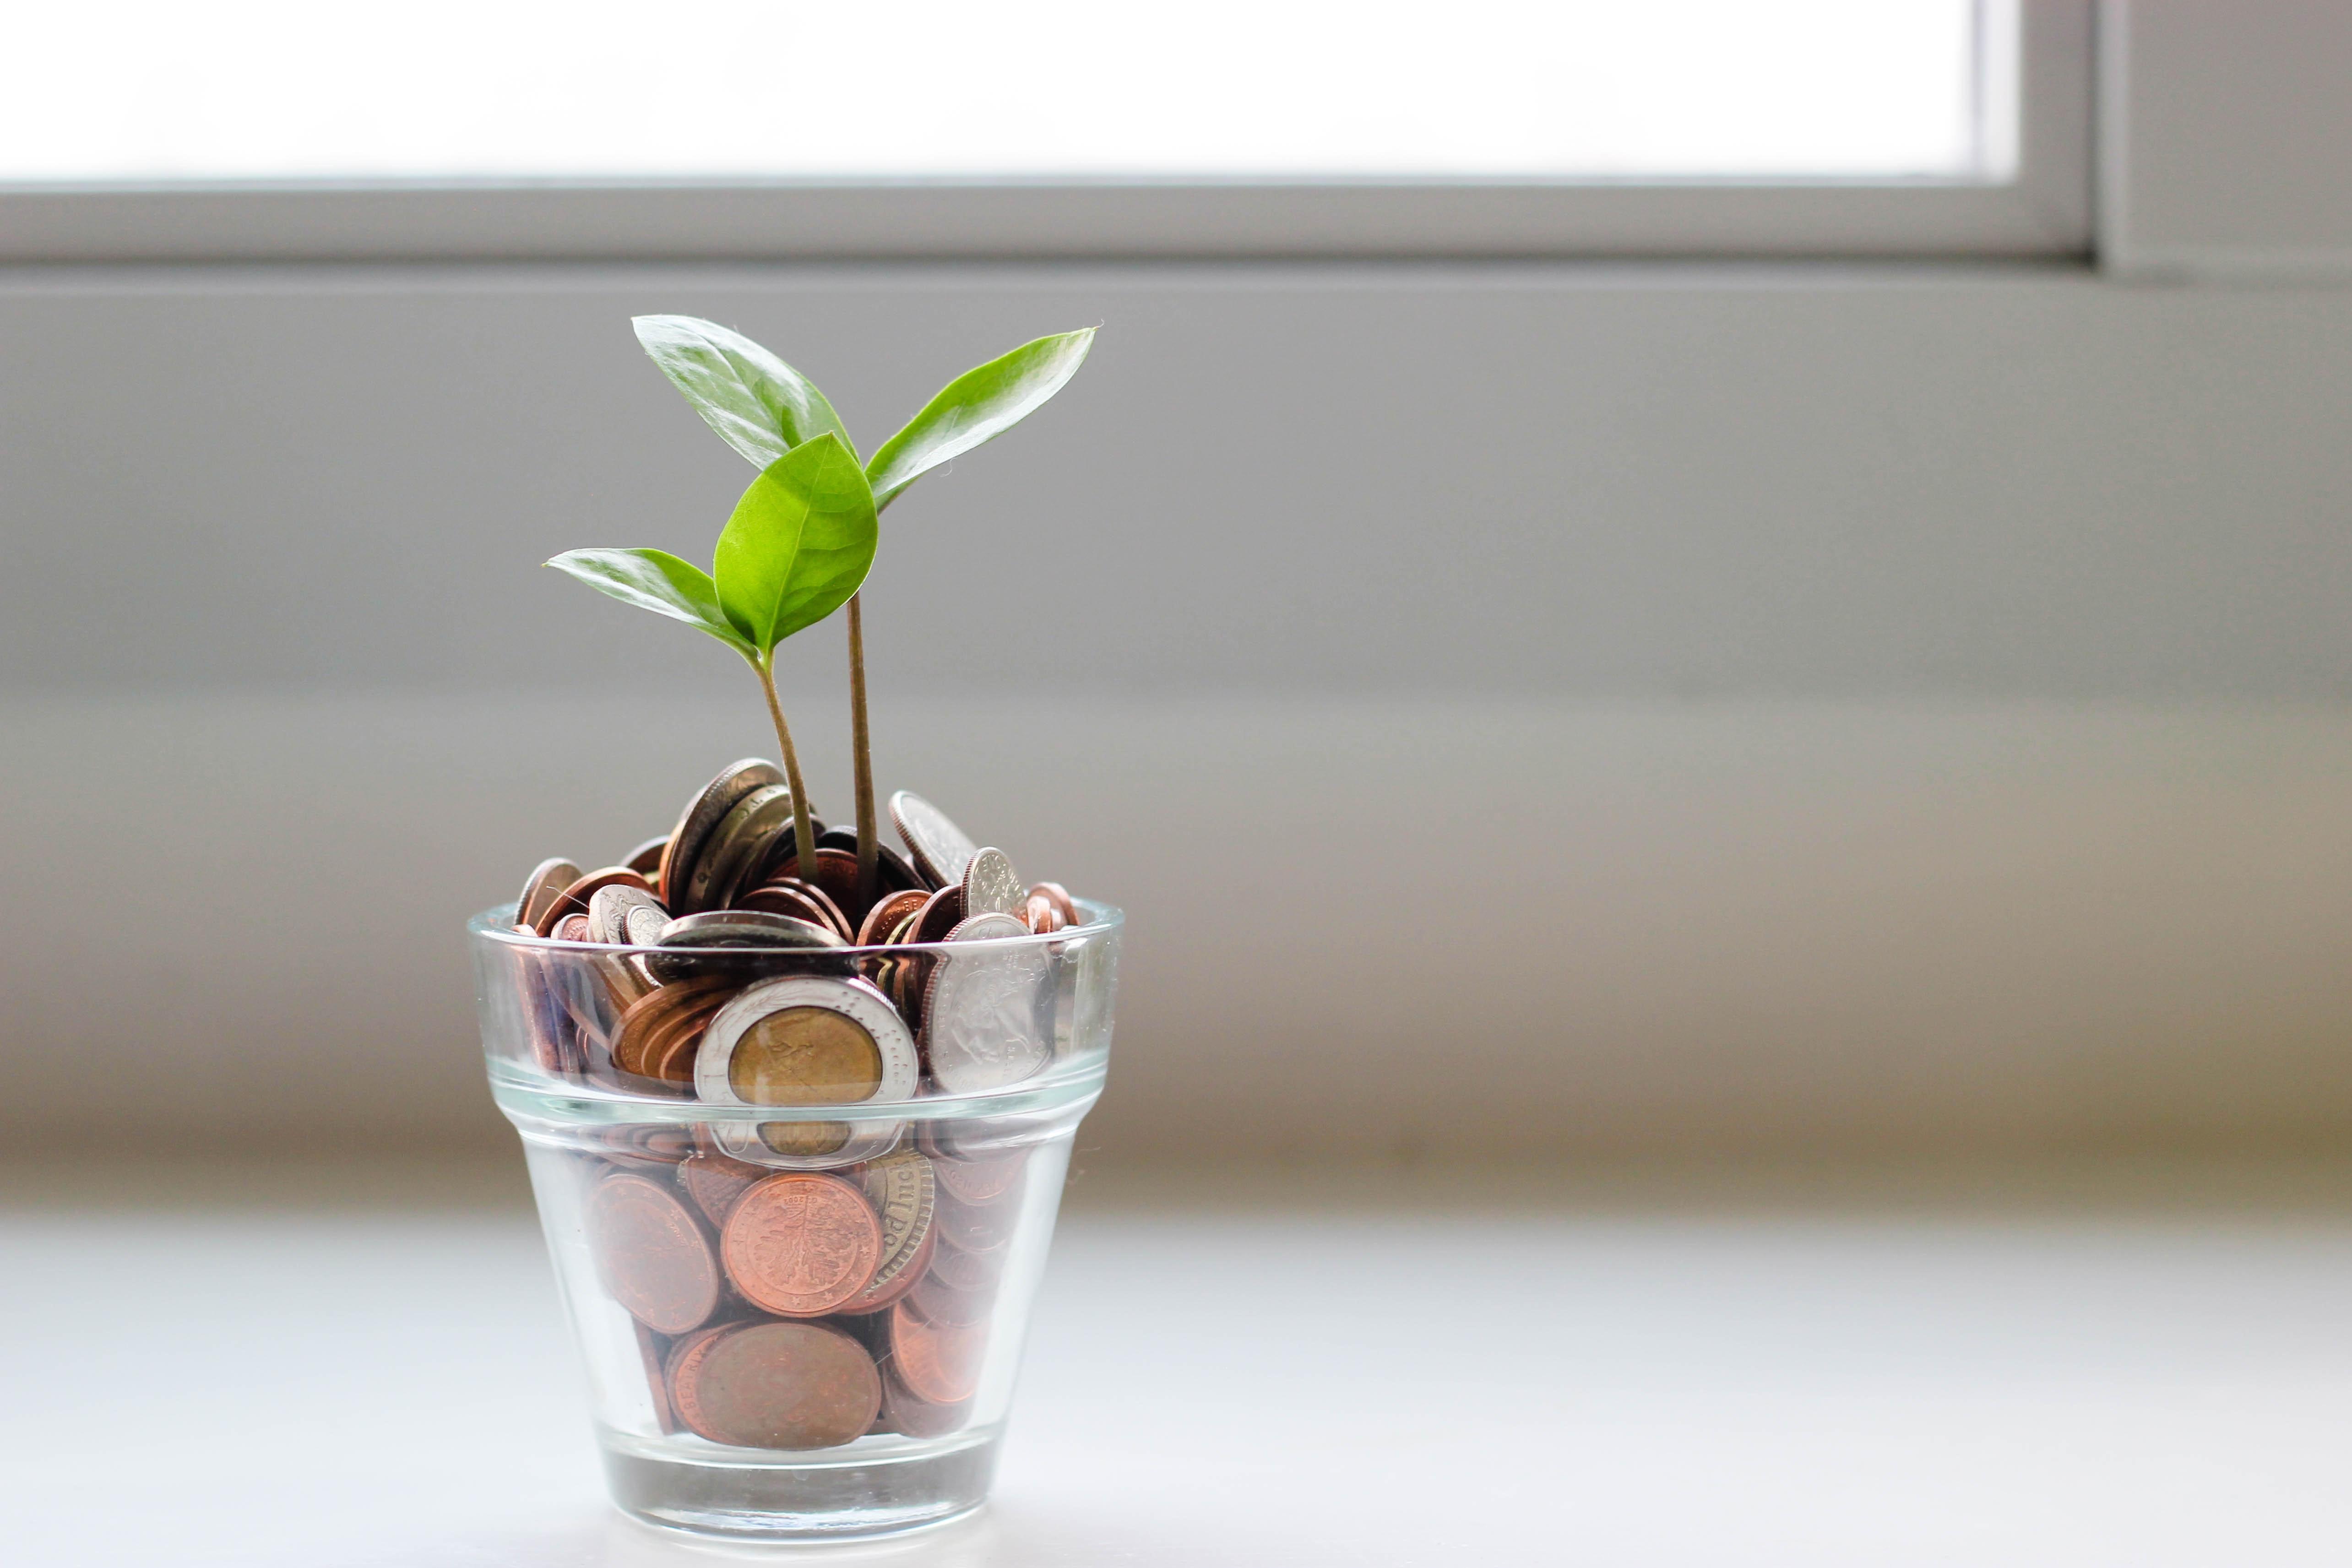 Nachhaltigkeit und Finanzen - das schließt sich nicht zwingend aus!